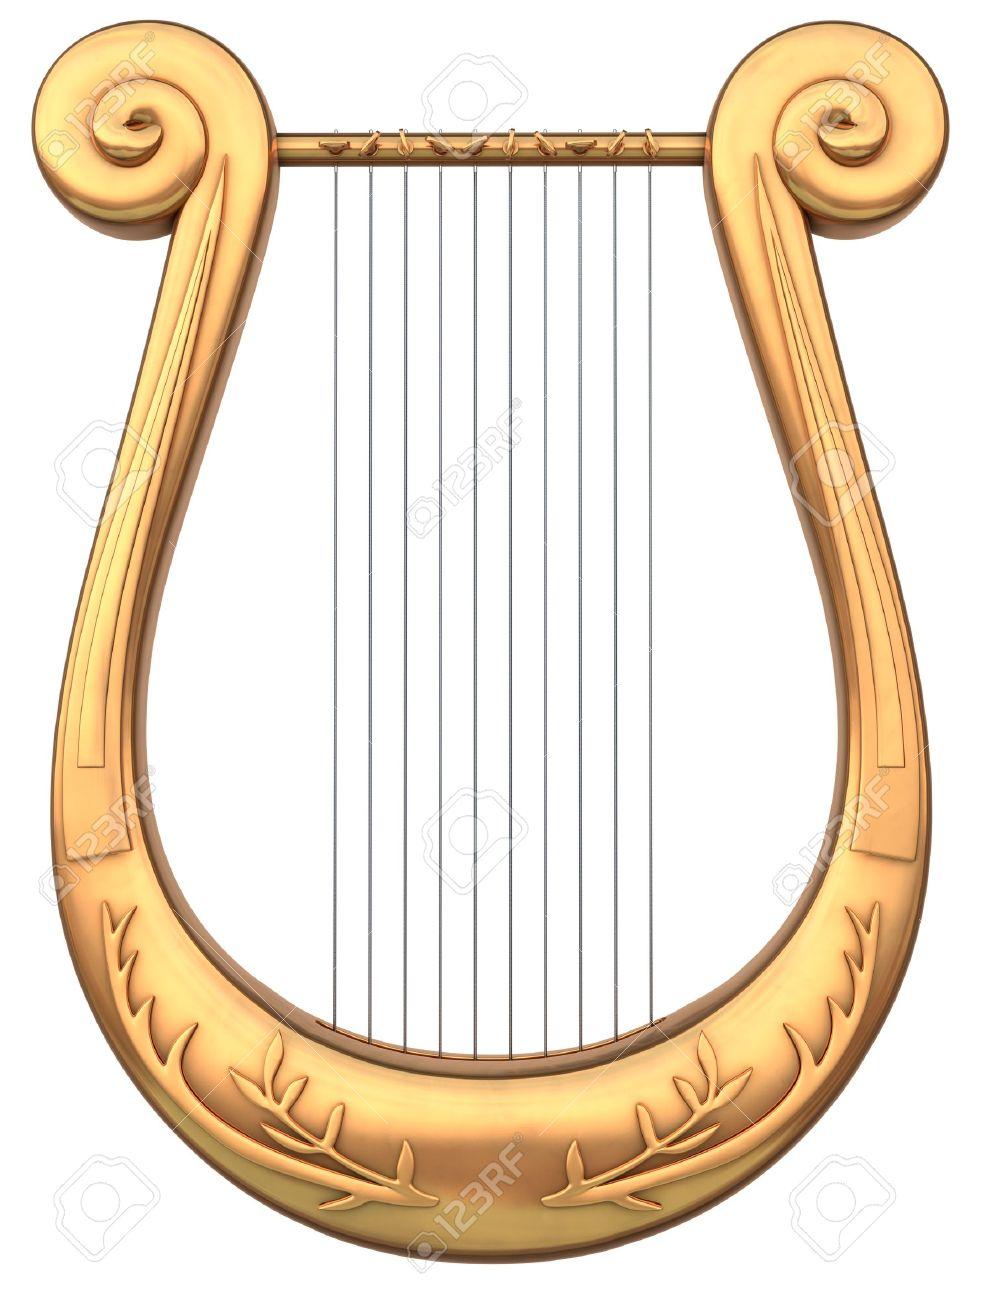 Zeichen der Endzeit - Seite 4 7059439-Un-instrumento-musical-de-cuerdas-de-la-lira-sobre-un-fondo-blanco-Foto-de-archivo